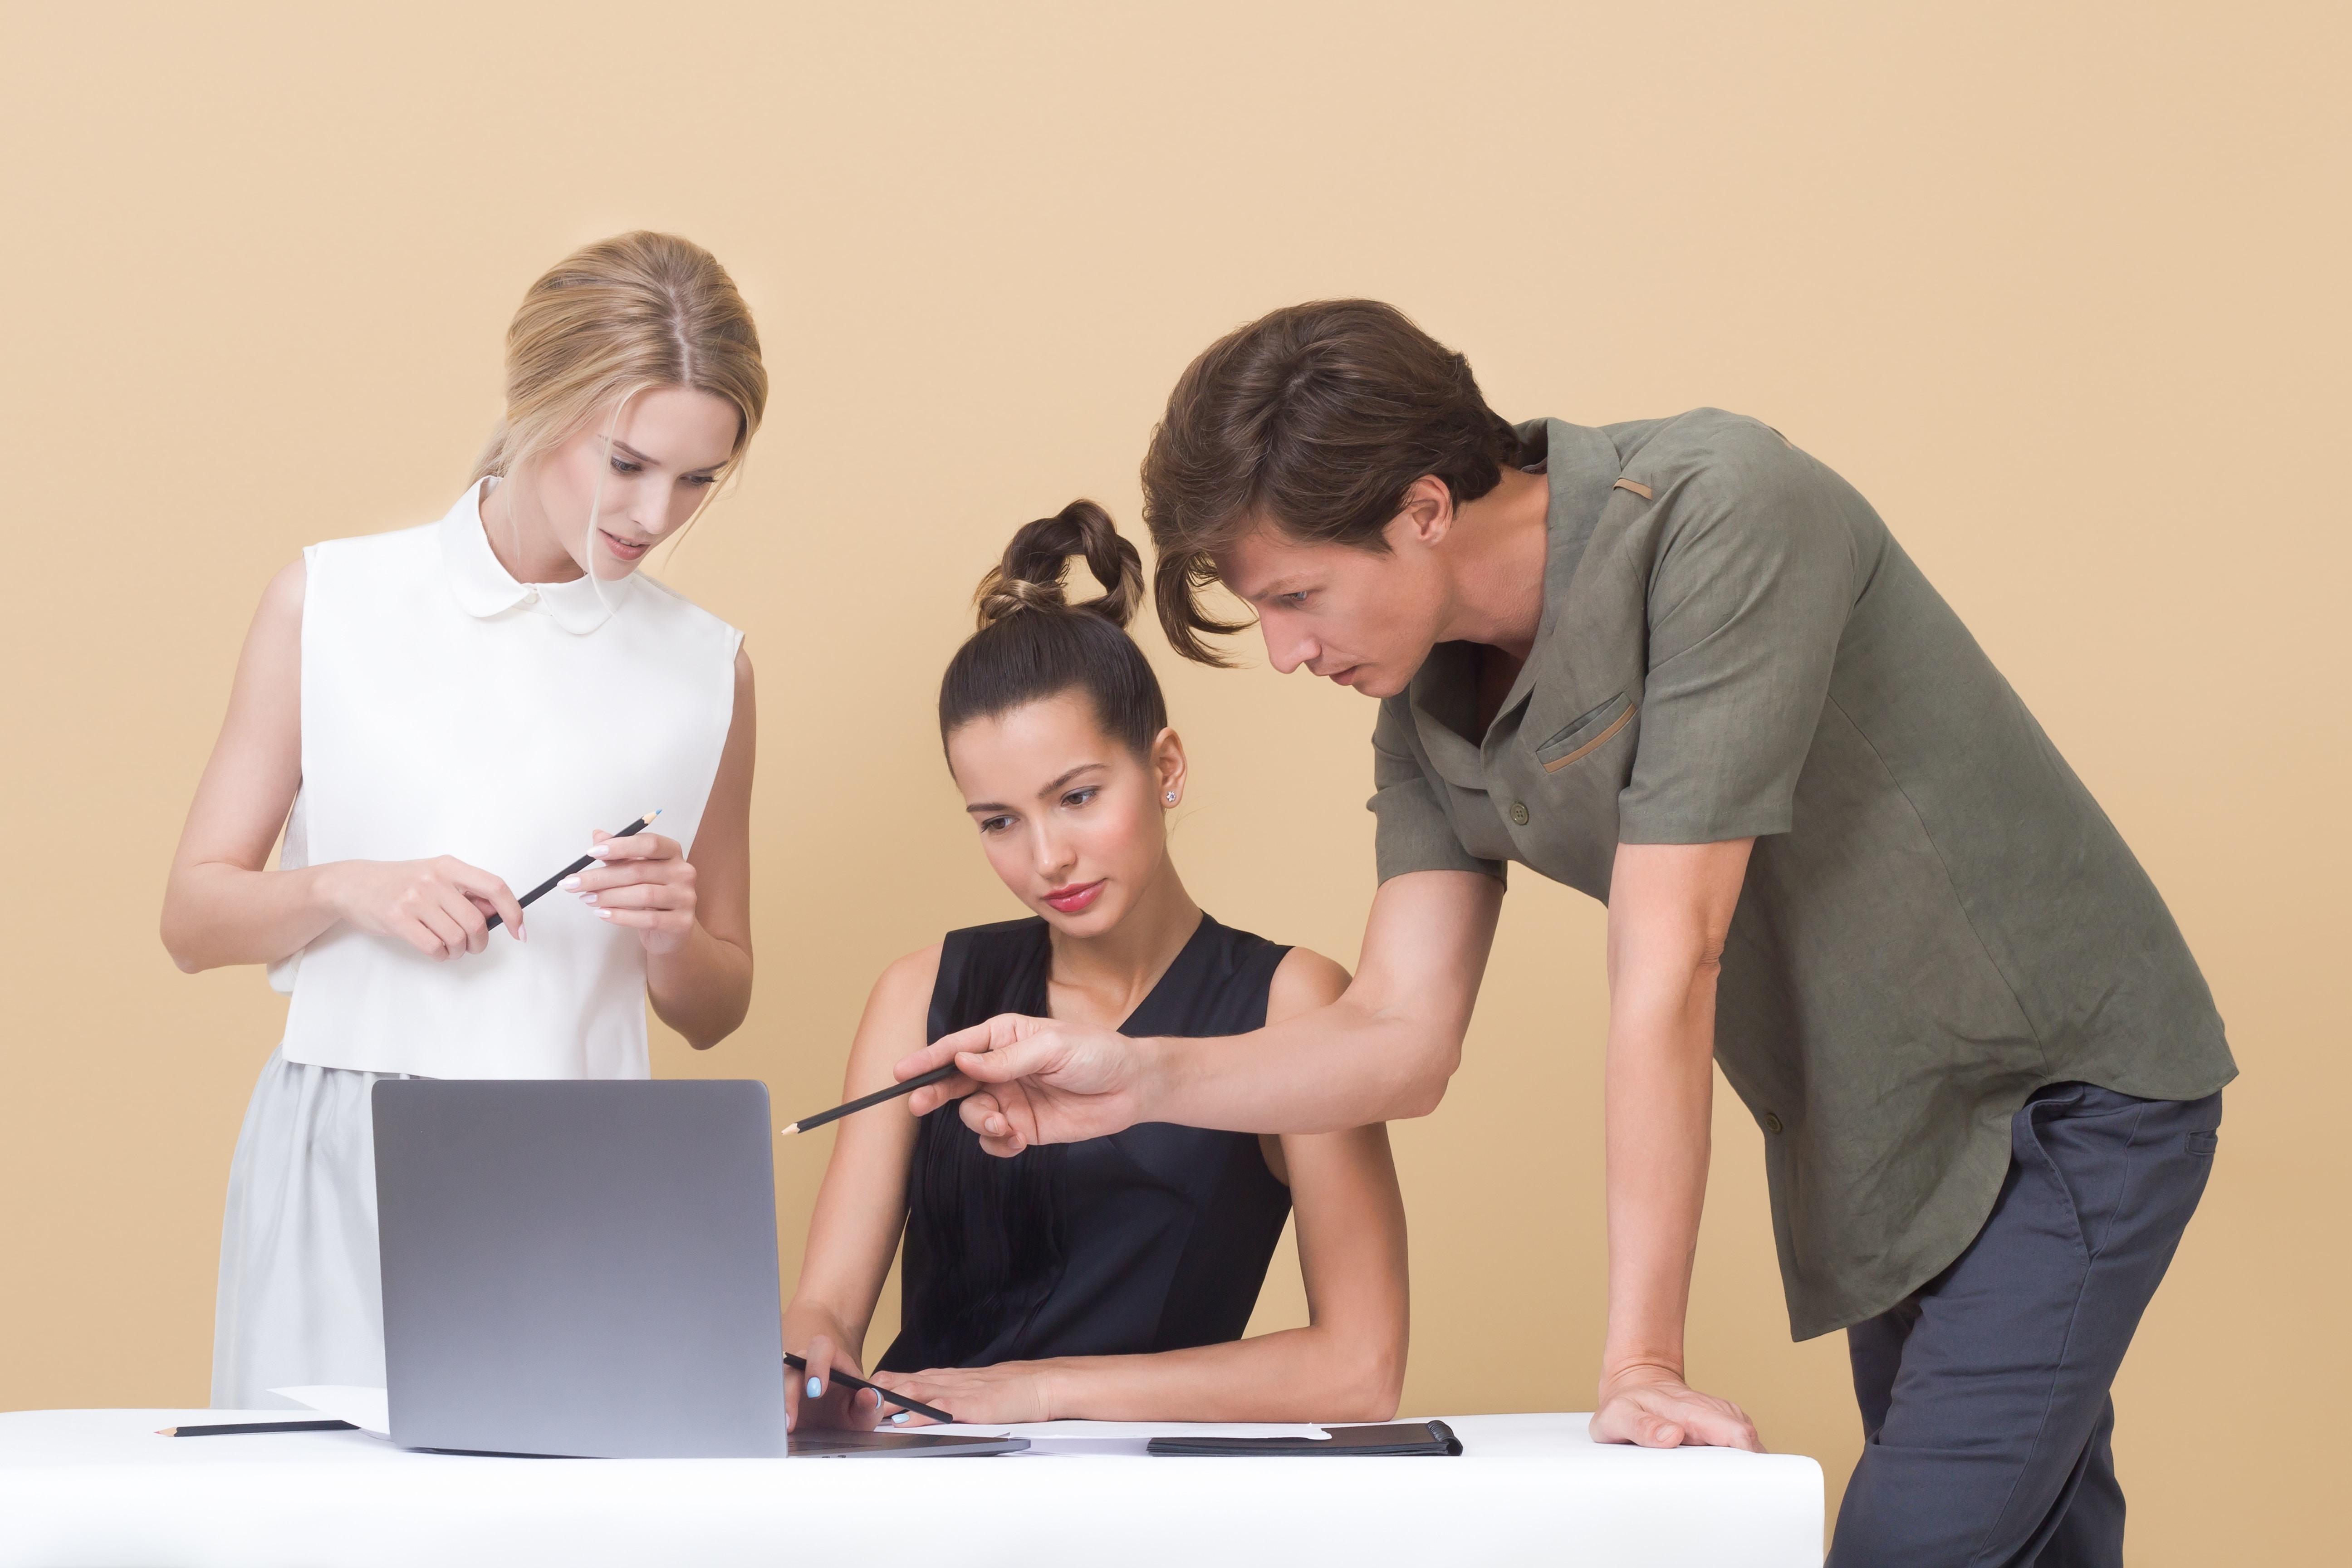 未経験からIT業界に転職する注意点は4つ【会社選びが重要】